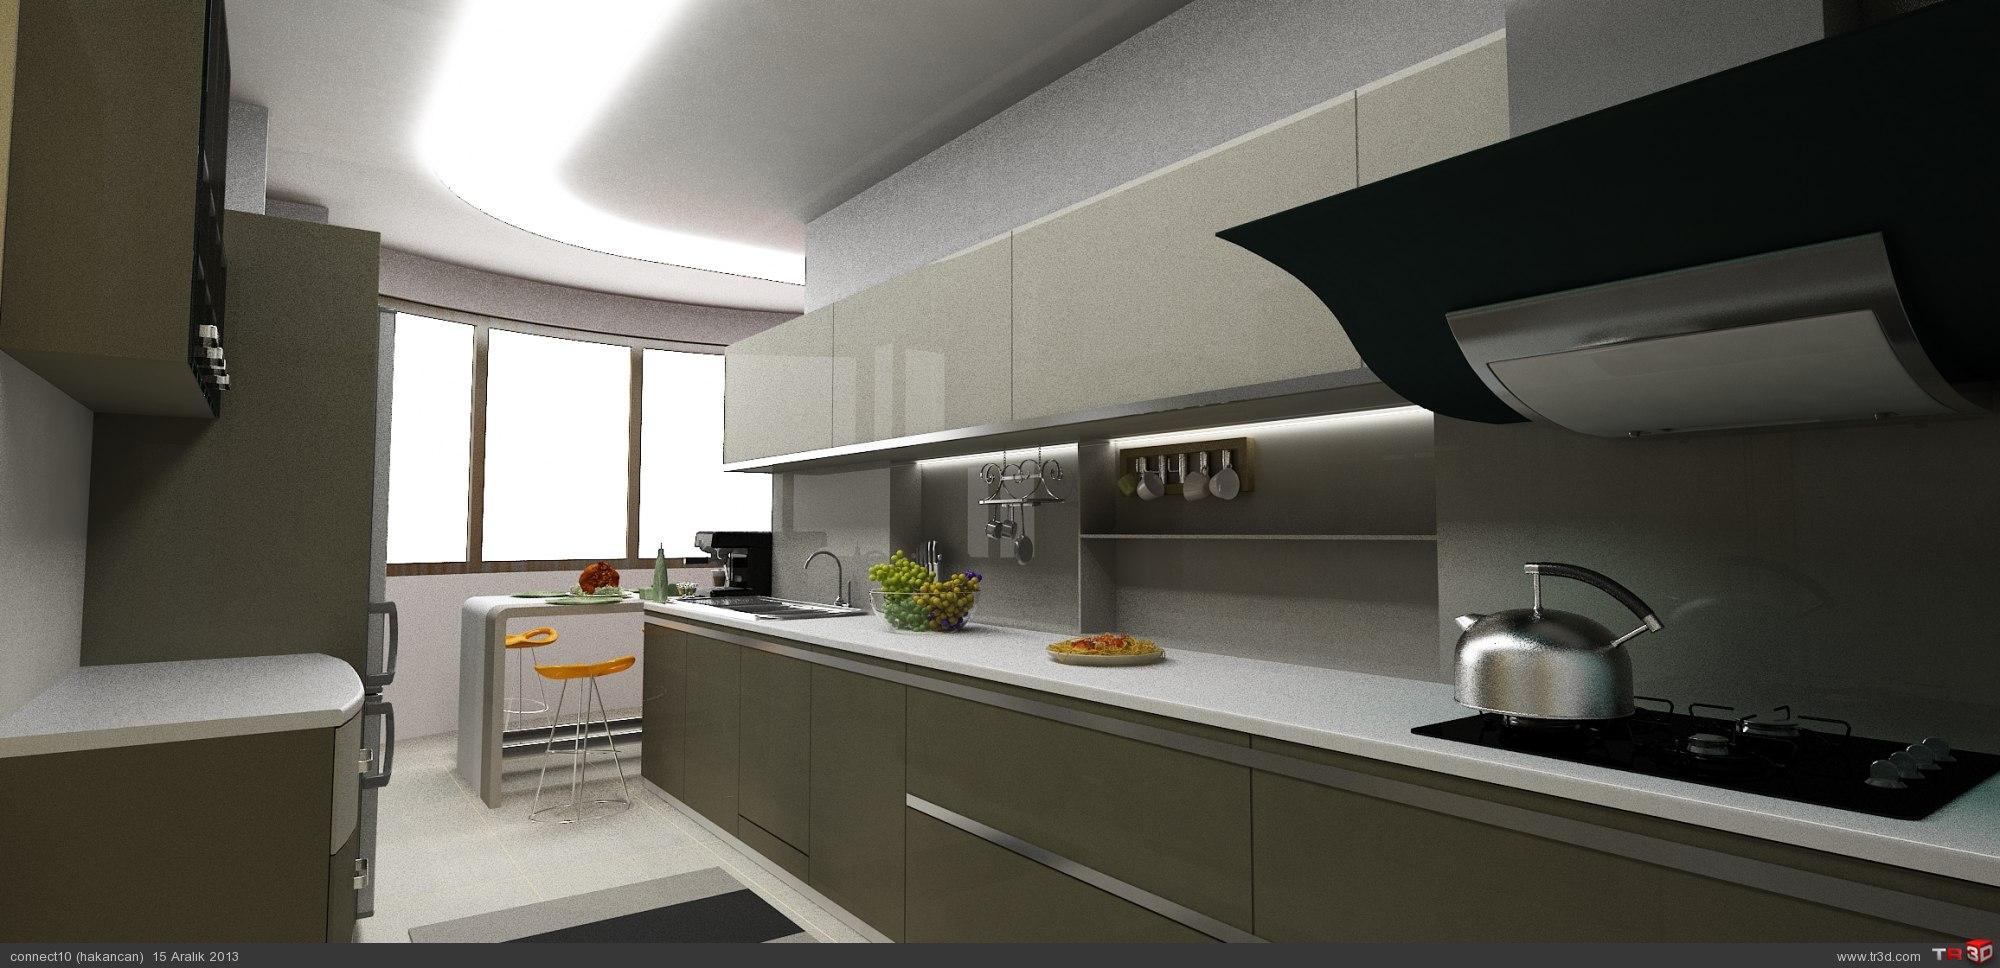 mutfak tasarımı 1